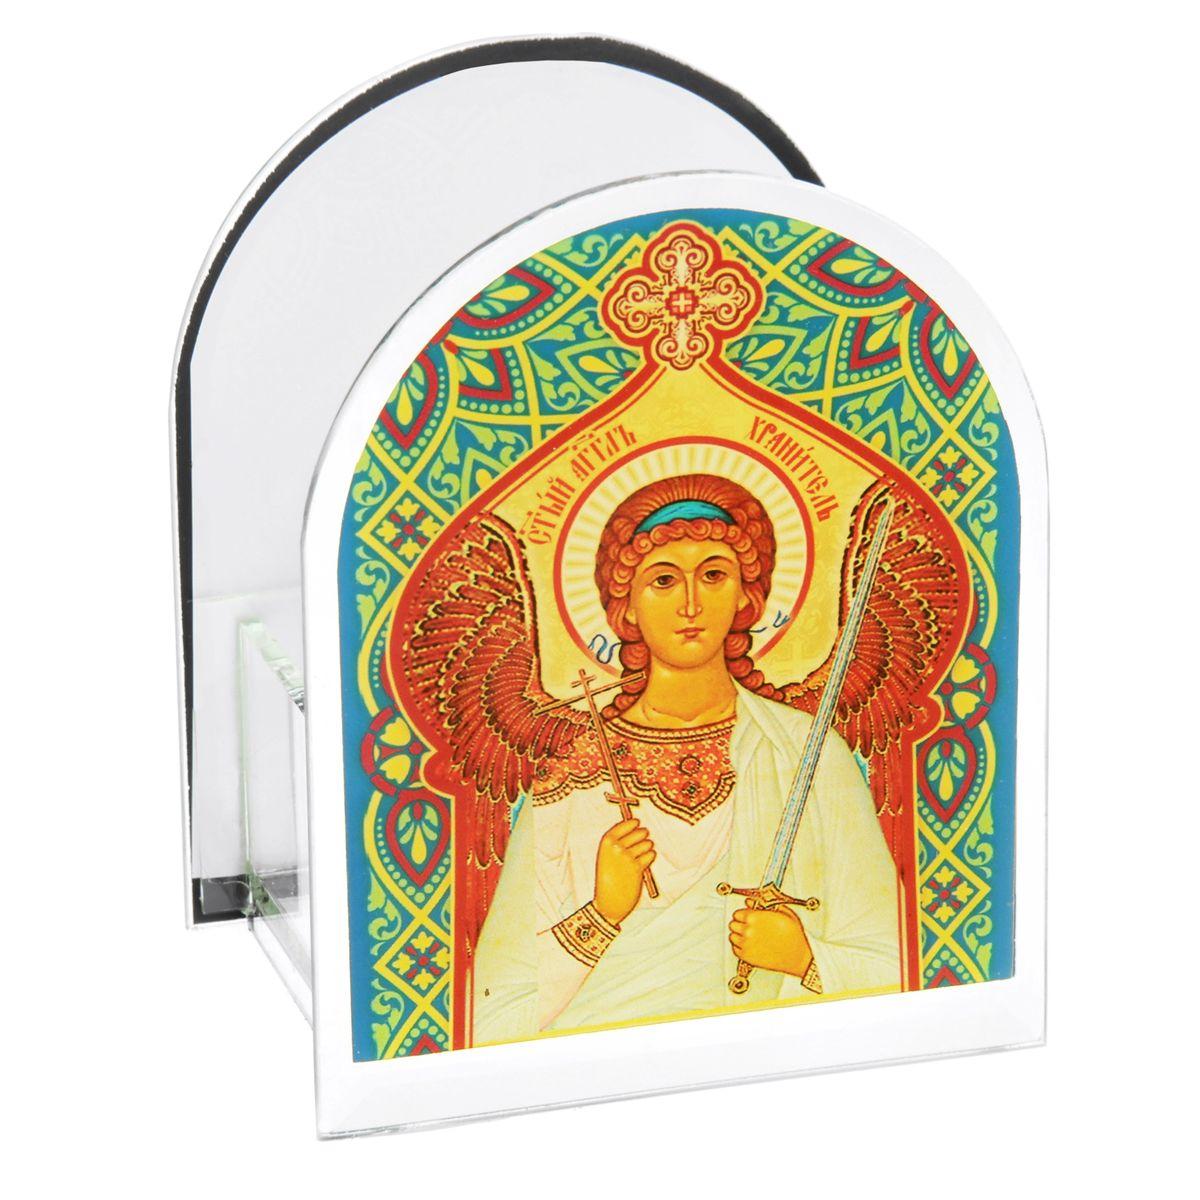 Подсвечник Sima-land Ангел Хранитель842468Подсвечник Sima-land Ангел Хранитель изготовлен из качественного стекла, предназначен для свечи в гильзе. С одной стороны подсвечника изображен лик святого, с другой стороны нанесена молитва. Зажгите свечку поставьте ее в подсвечник и наслаждайтесь теплом, которое наполнит ваше сердце. Такой подсвечник привнесет в ваш дом согласие и мир и будет прекрасным подарком, оберегающим близких вам людей. Размер подсвечника (ДхШхВ): 9 см х 7 см х 11 см. Диаметр отверстия для свечи: 4,5 см.